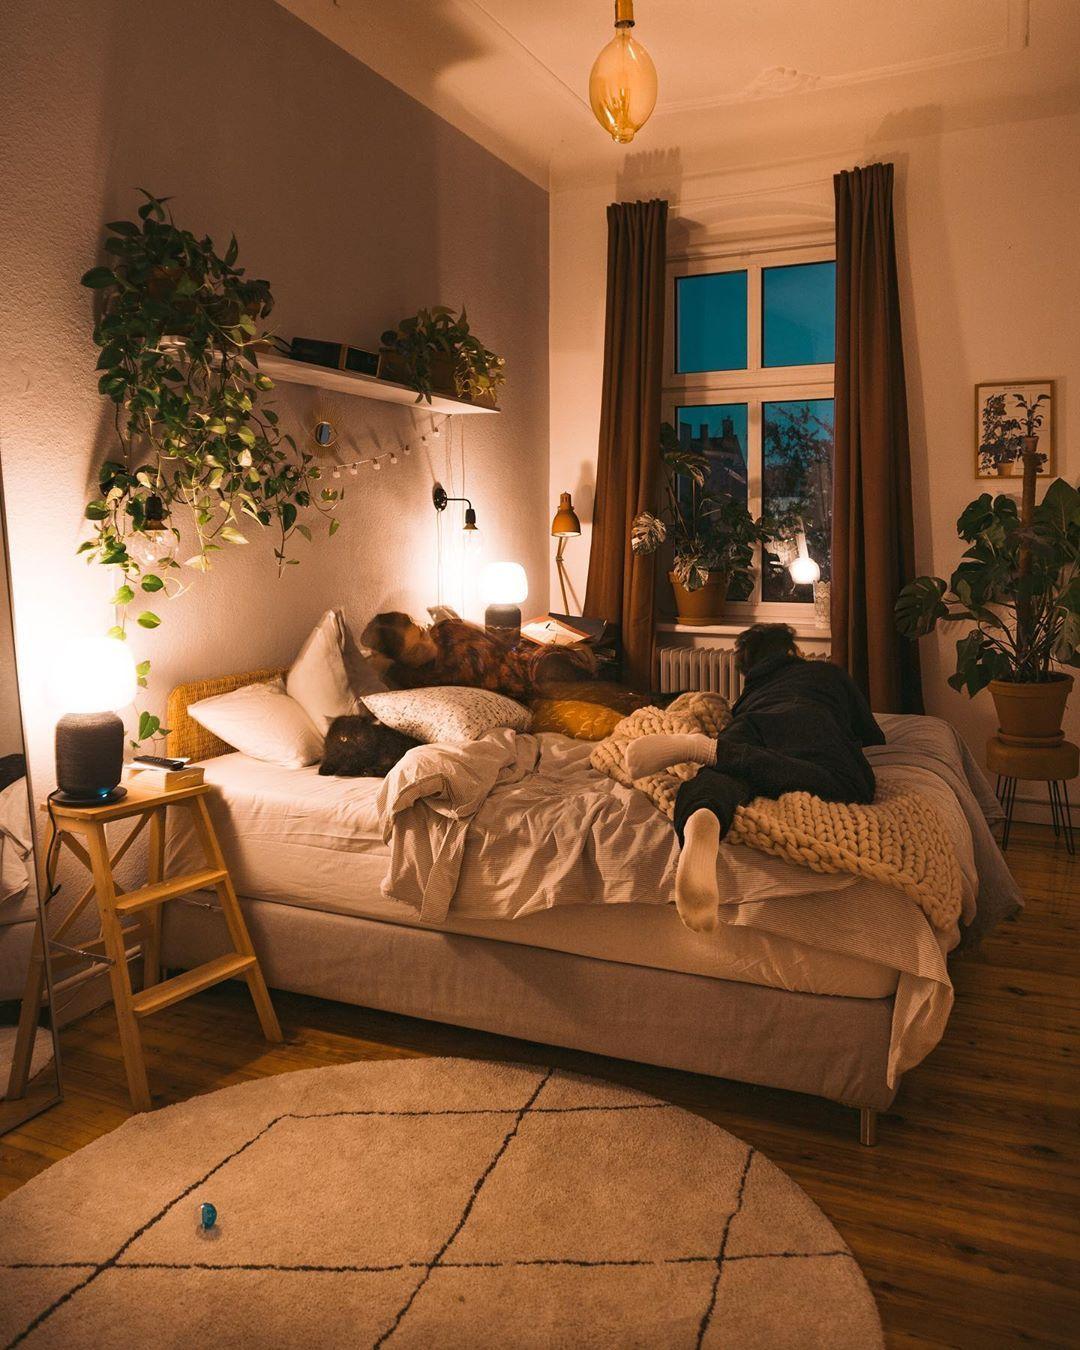 Ästhetisches schlafzimmerBild von fridlaa auf Plantlover